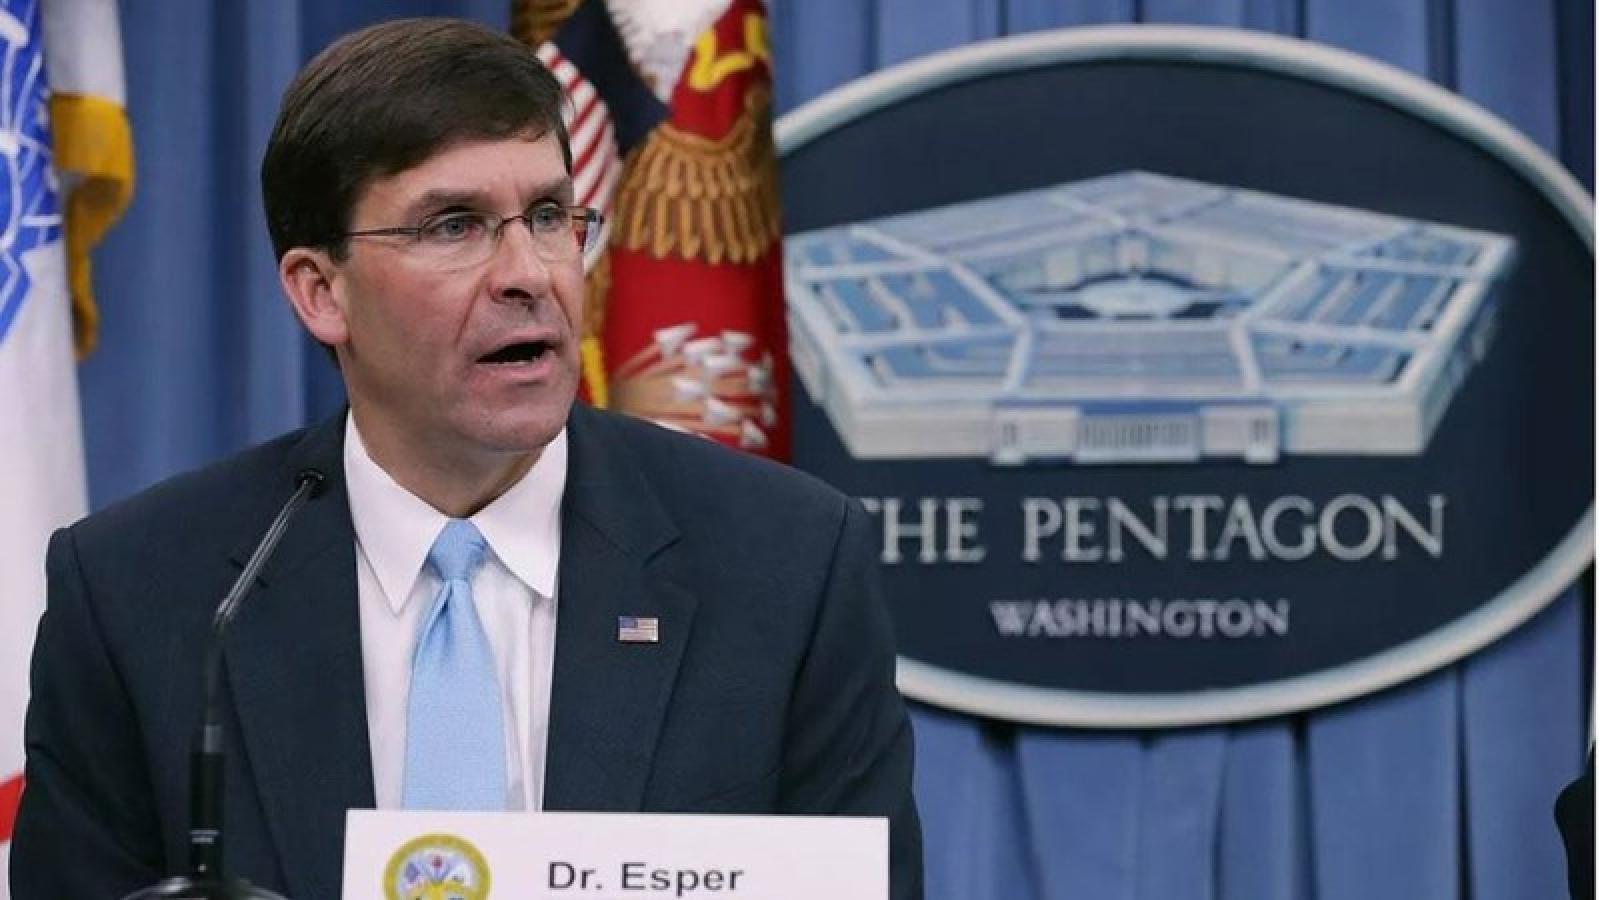 Lầu Năm Góc kêu gọi NATO tăng chi tiêu quốc phòng để ngăn chặn Nga